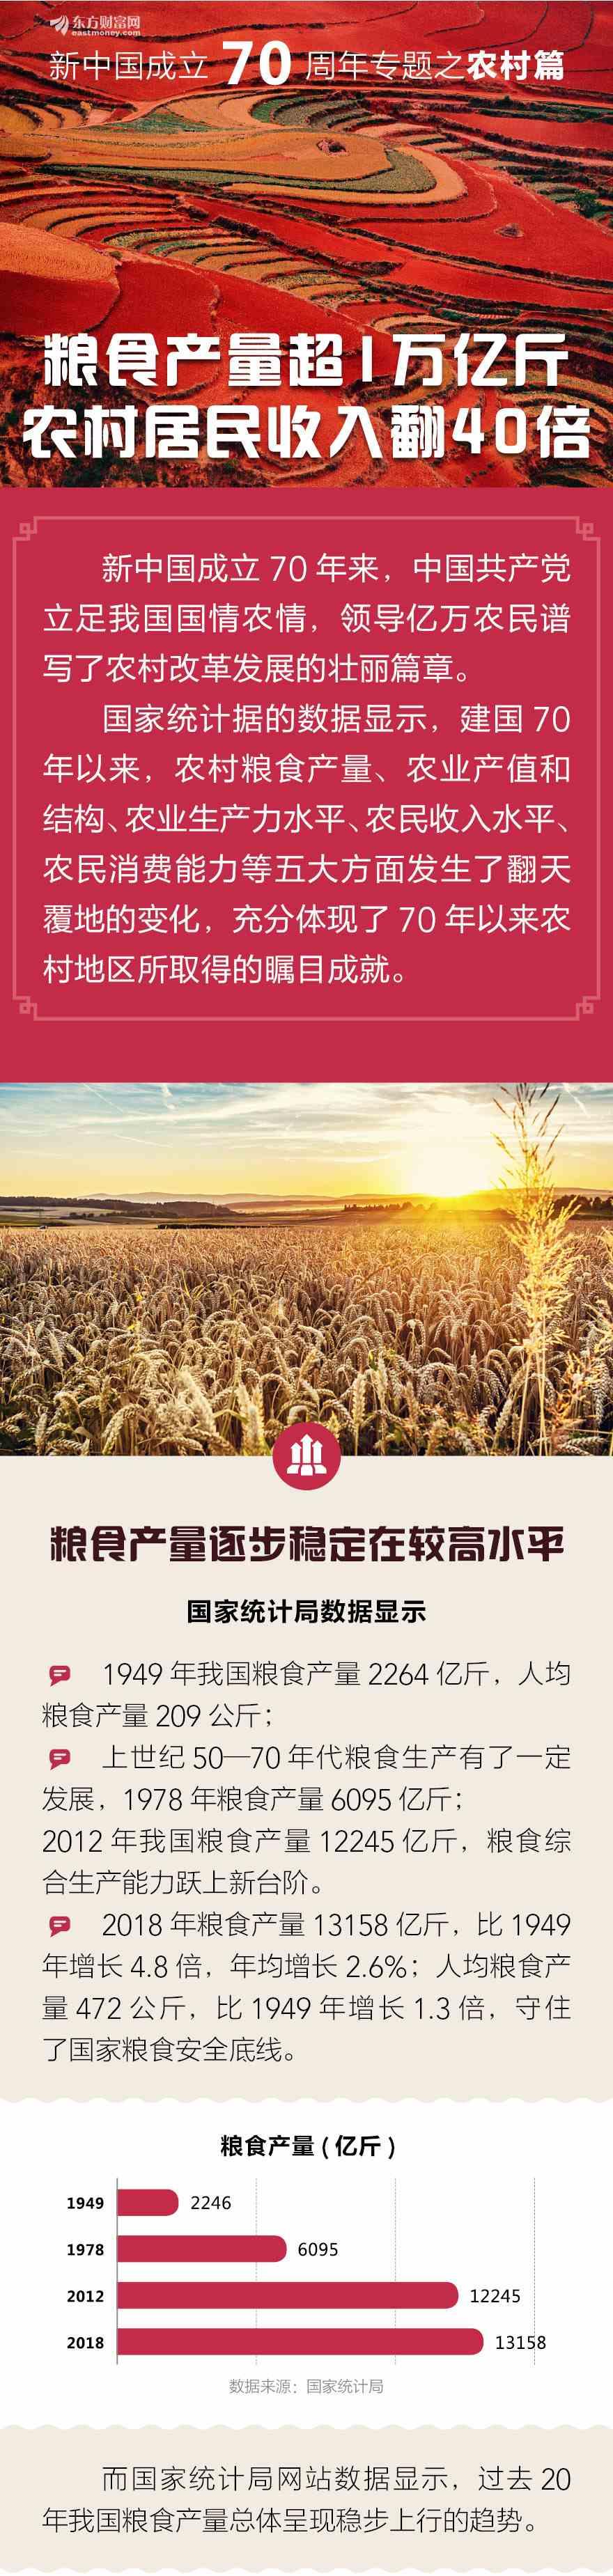 图解新中国成立70周年:粮产超万亿斤 收入翻40倍